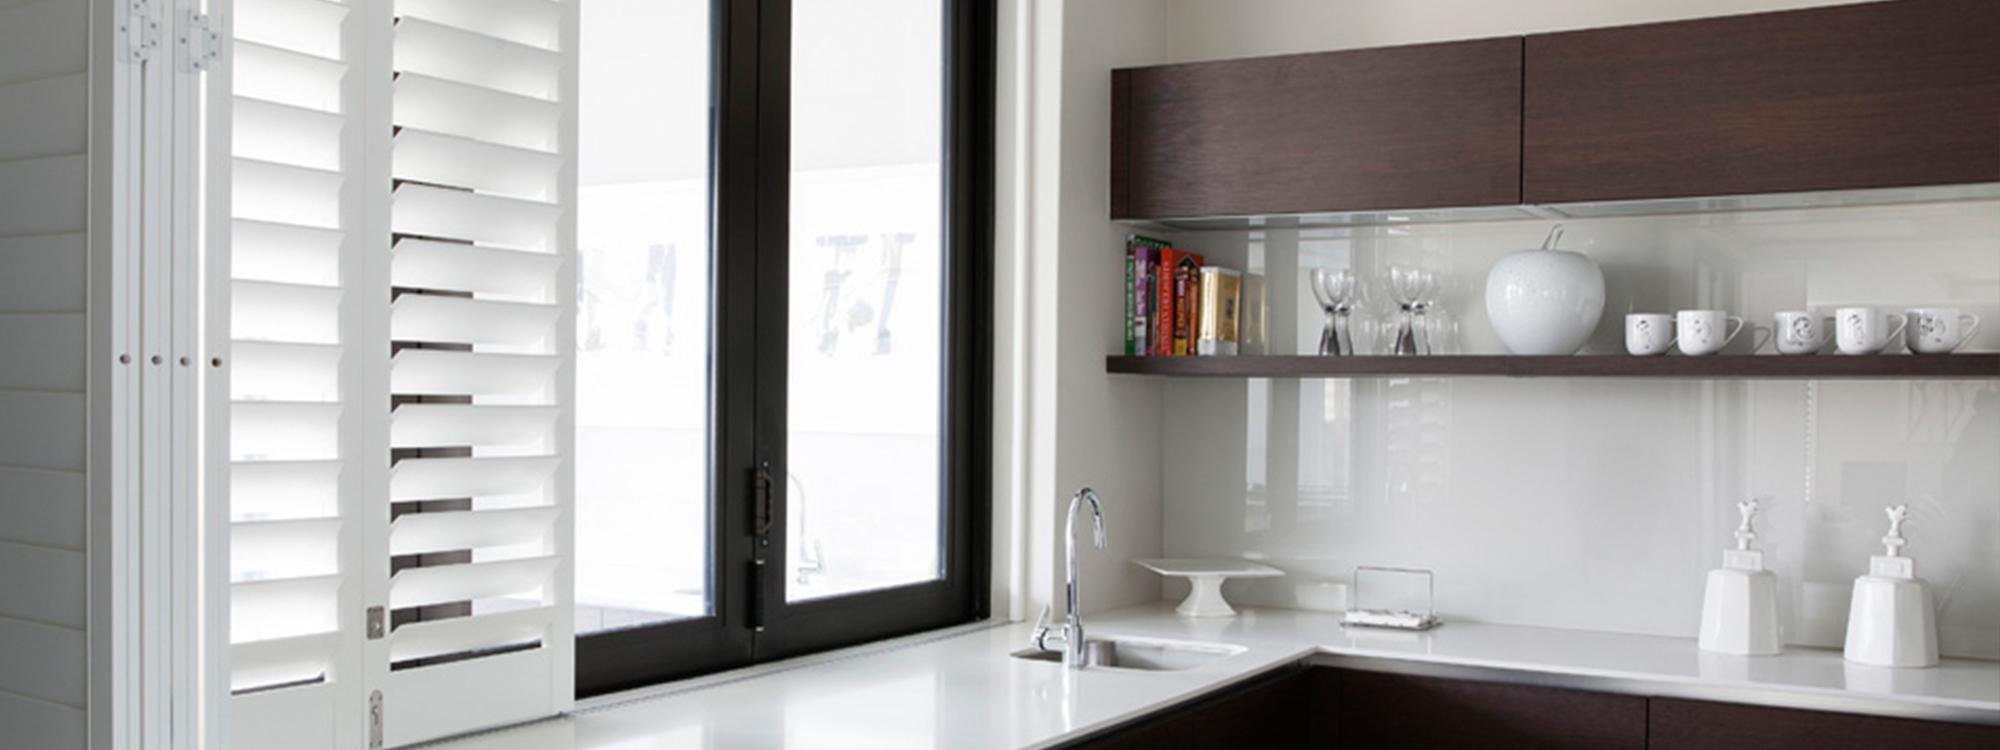 Decowood-shutters-kitchen-window-open